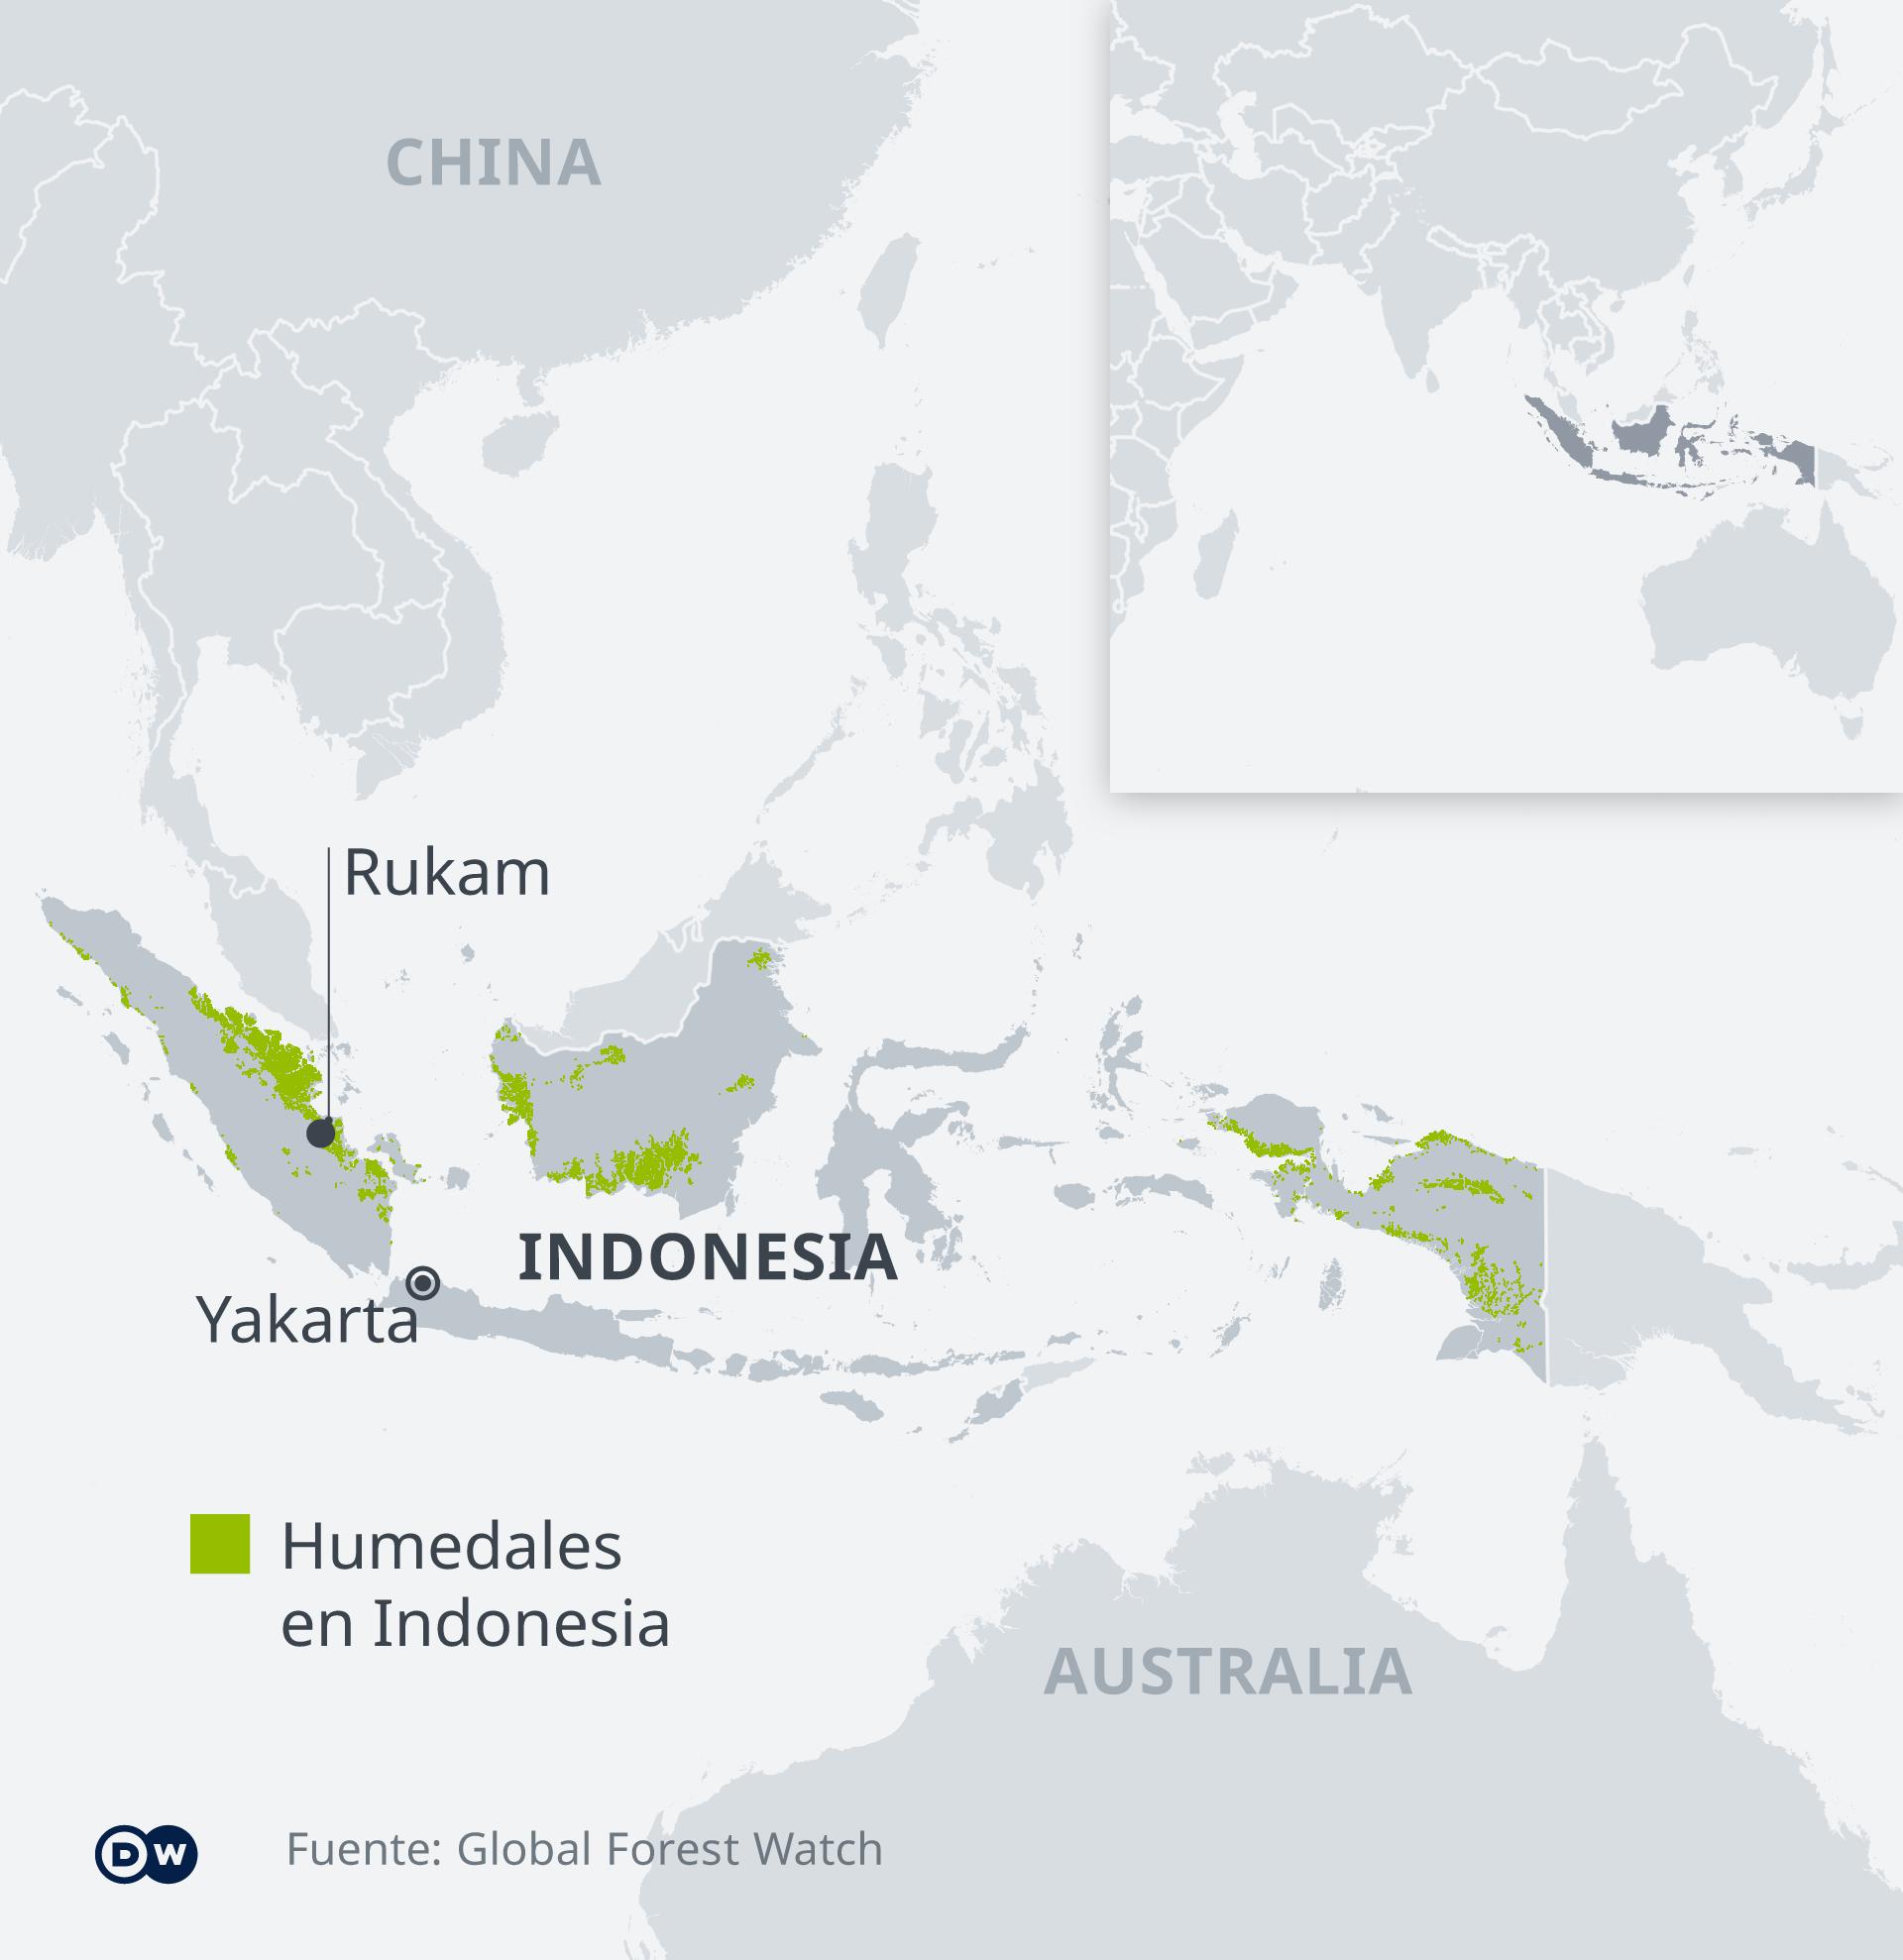 El gráfico muestra las zonas de turberas en Indonesia y la ubicación del pueblo de Rukam